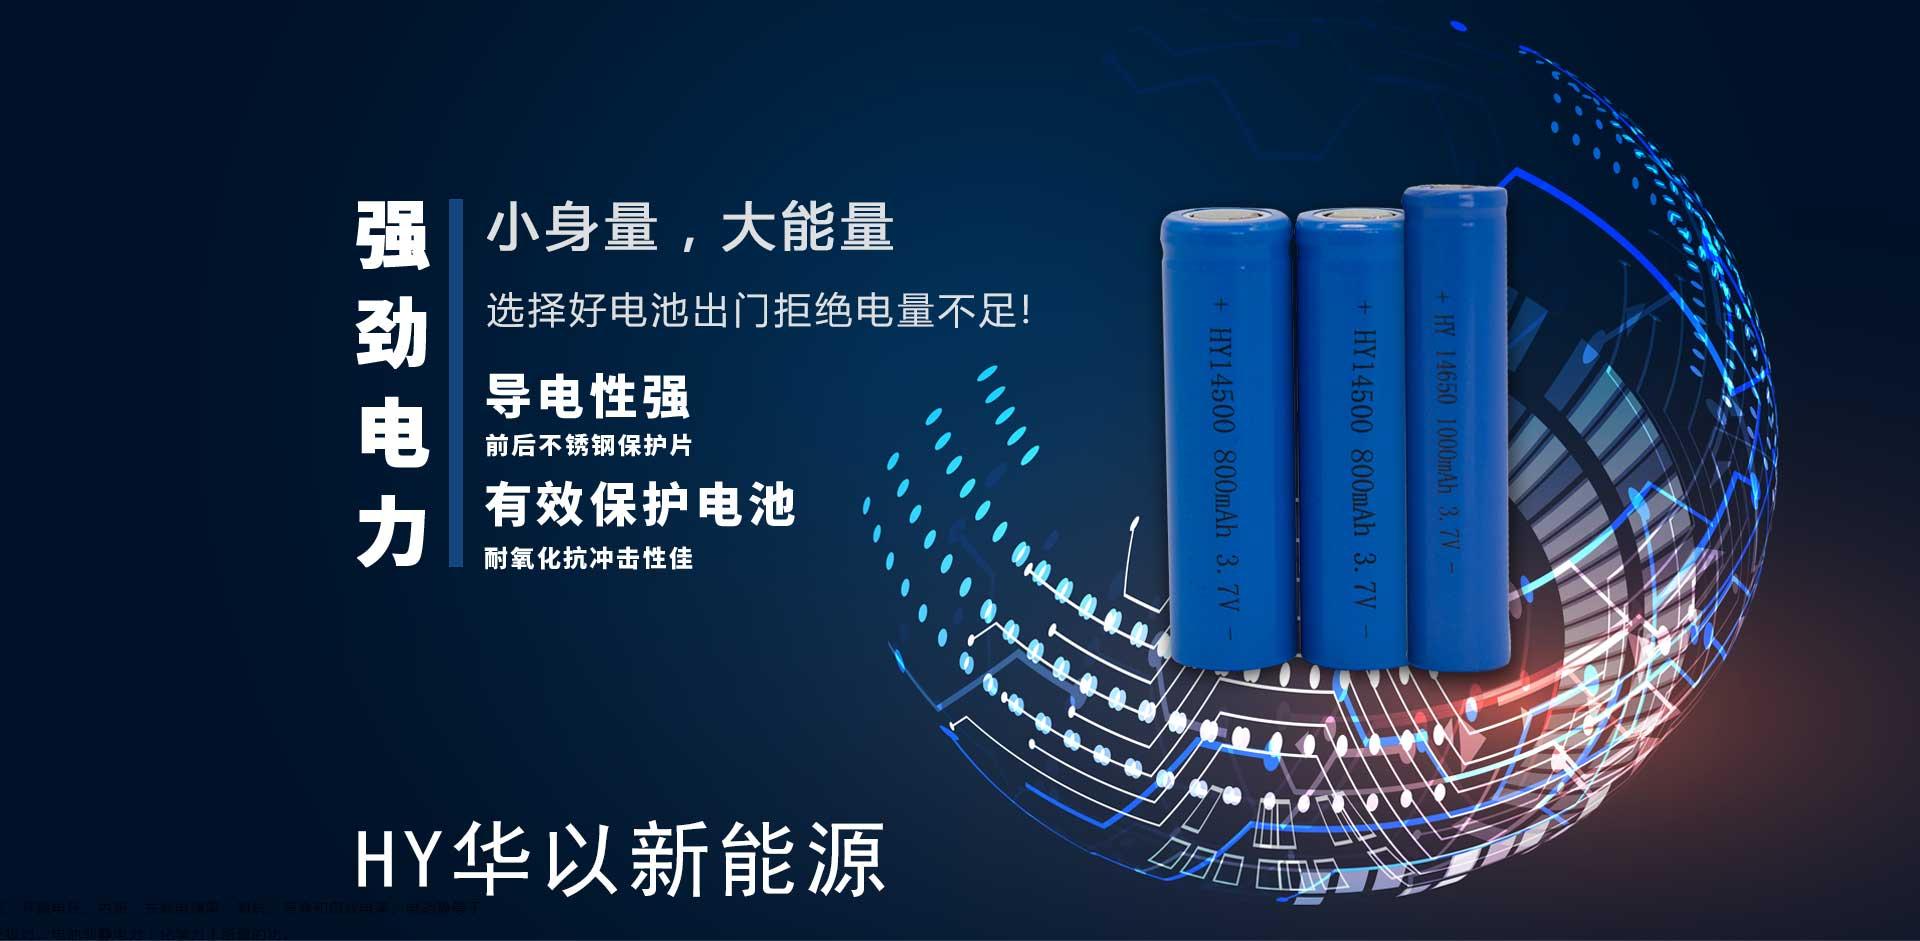 锂电池生产厂商